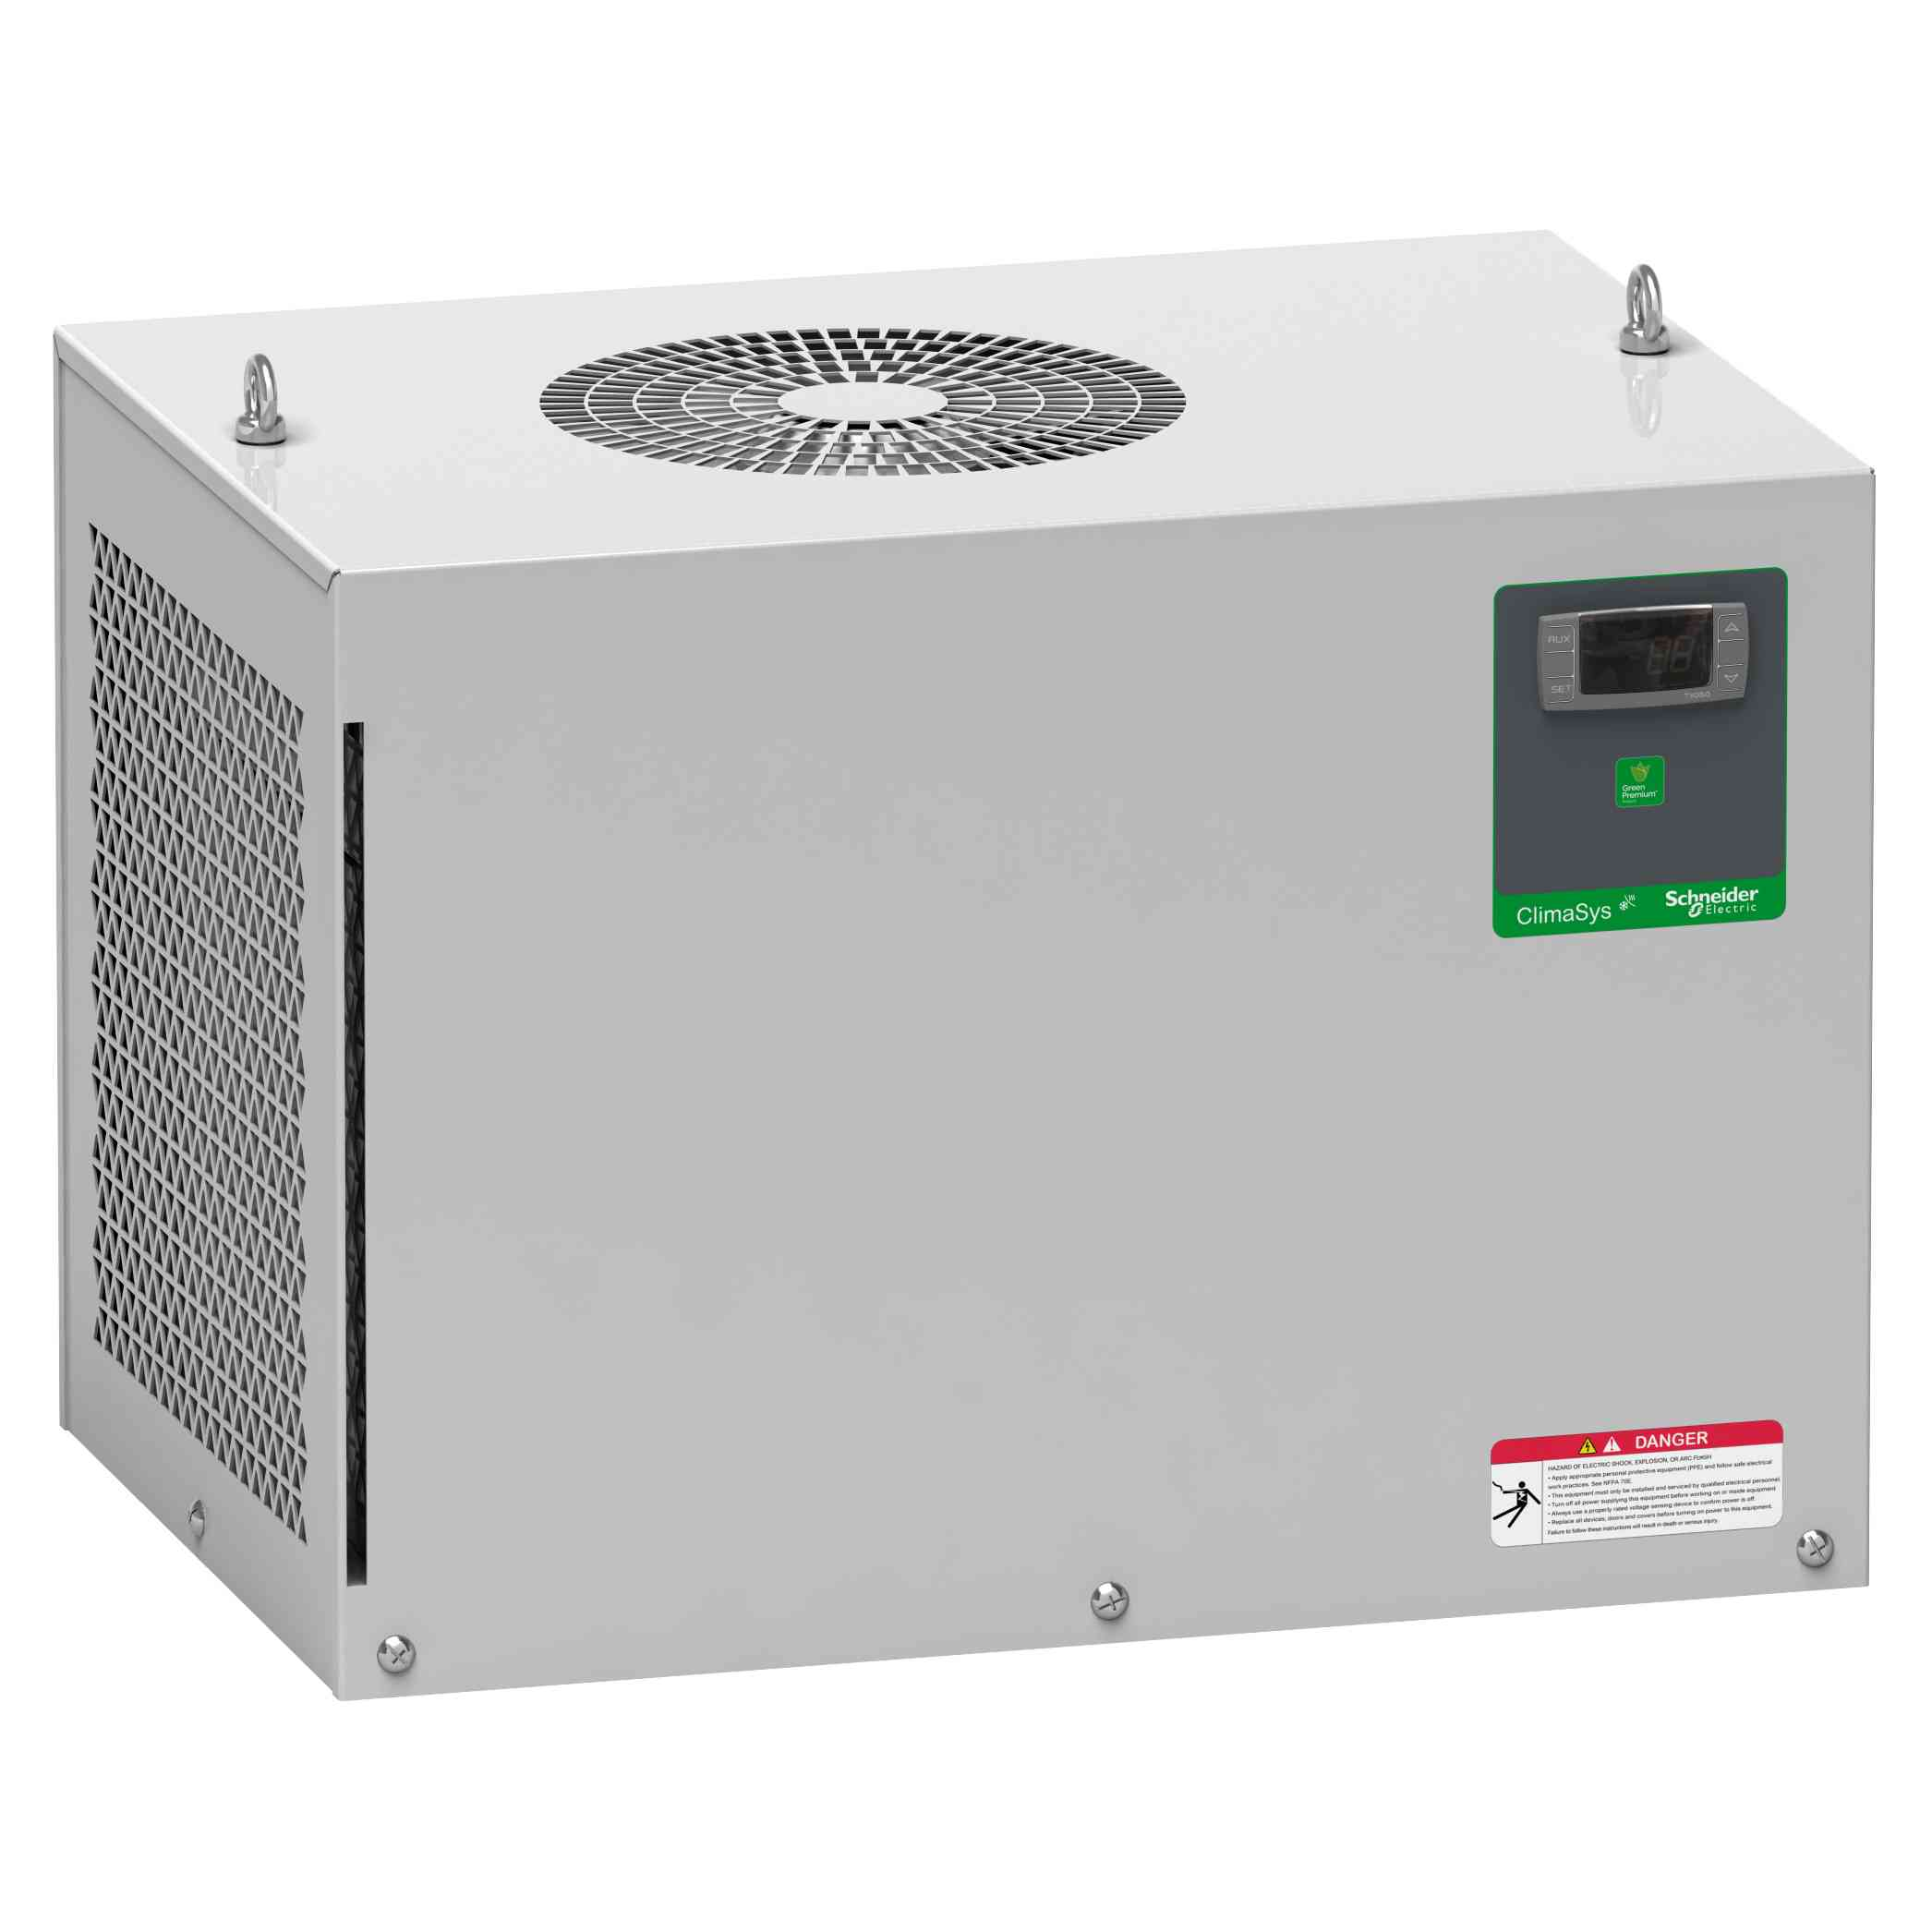 Standardna hladilna enota ClimaSys na vrhu omare - 1150 W pri 230 V